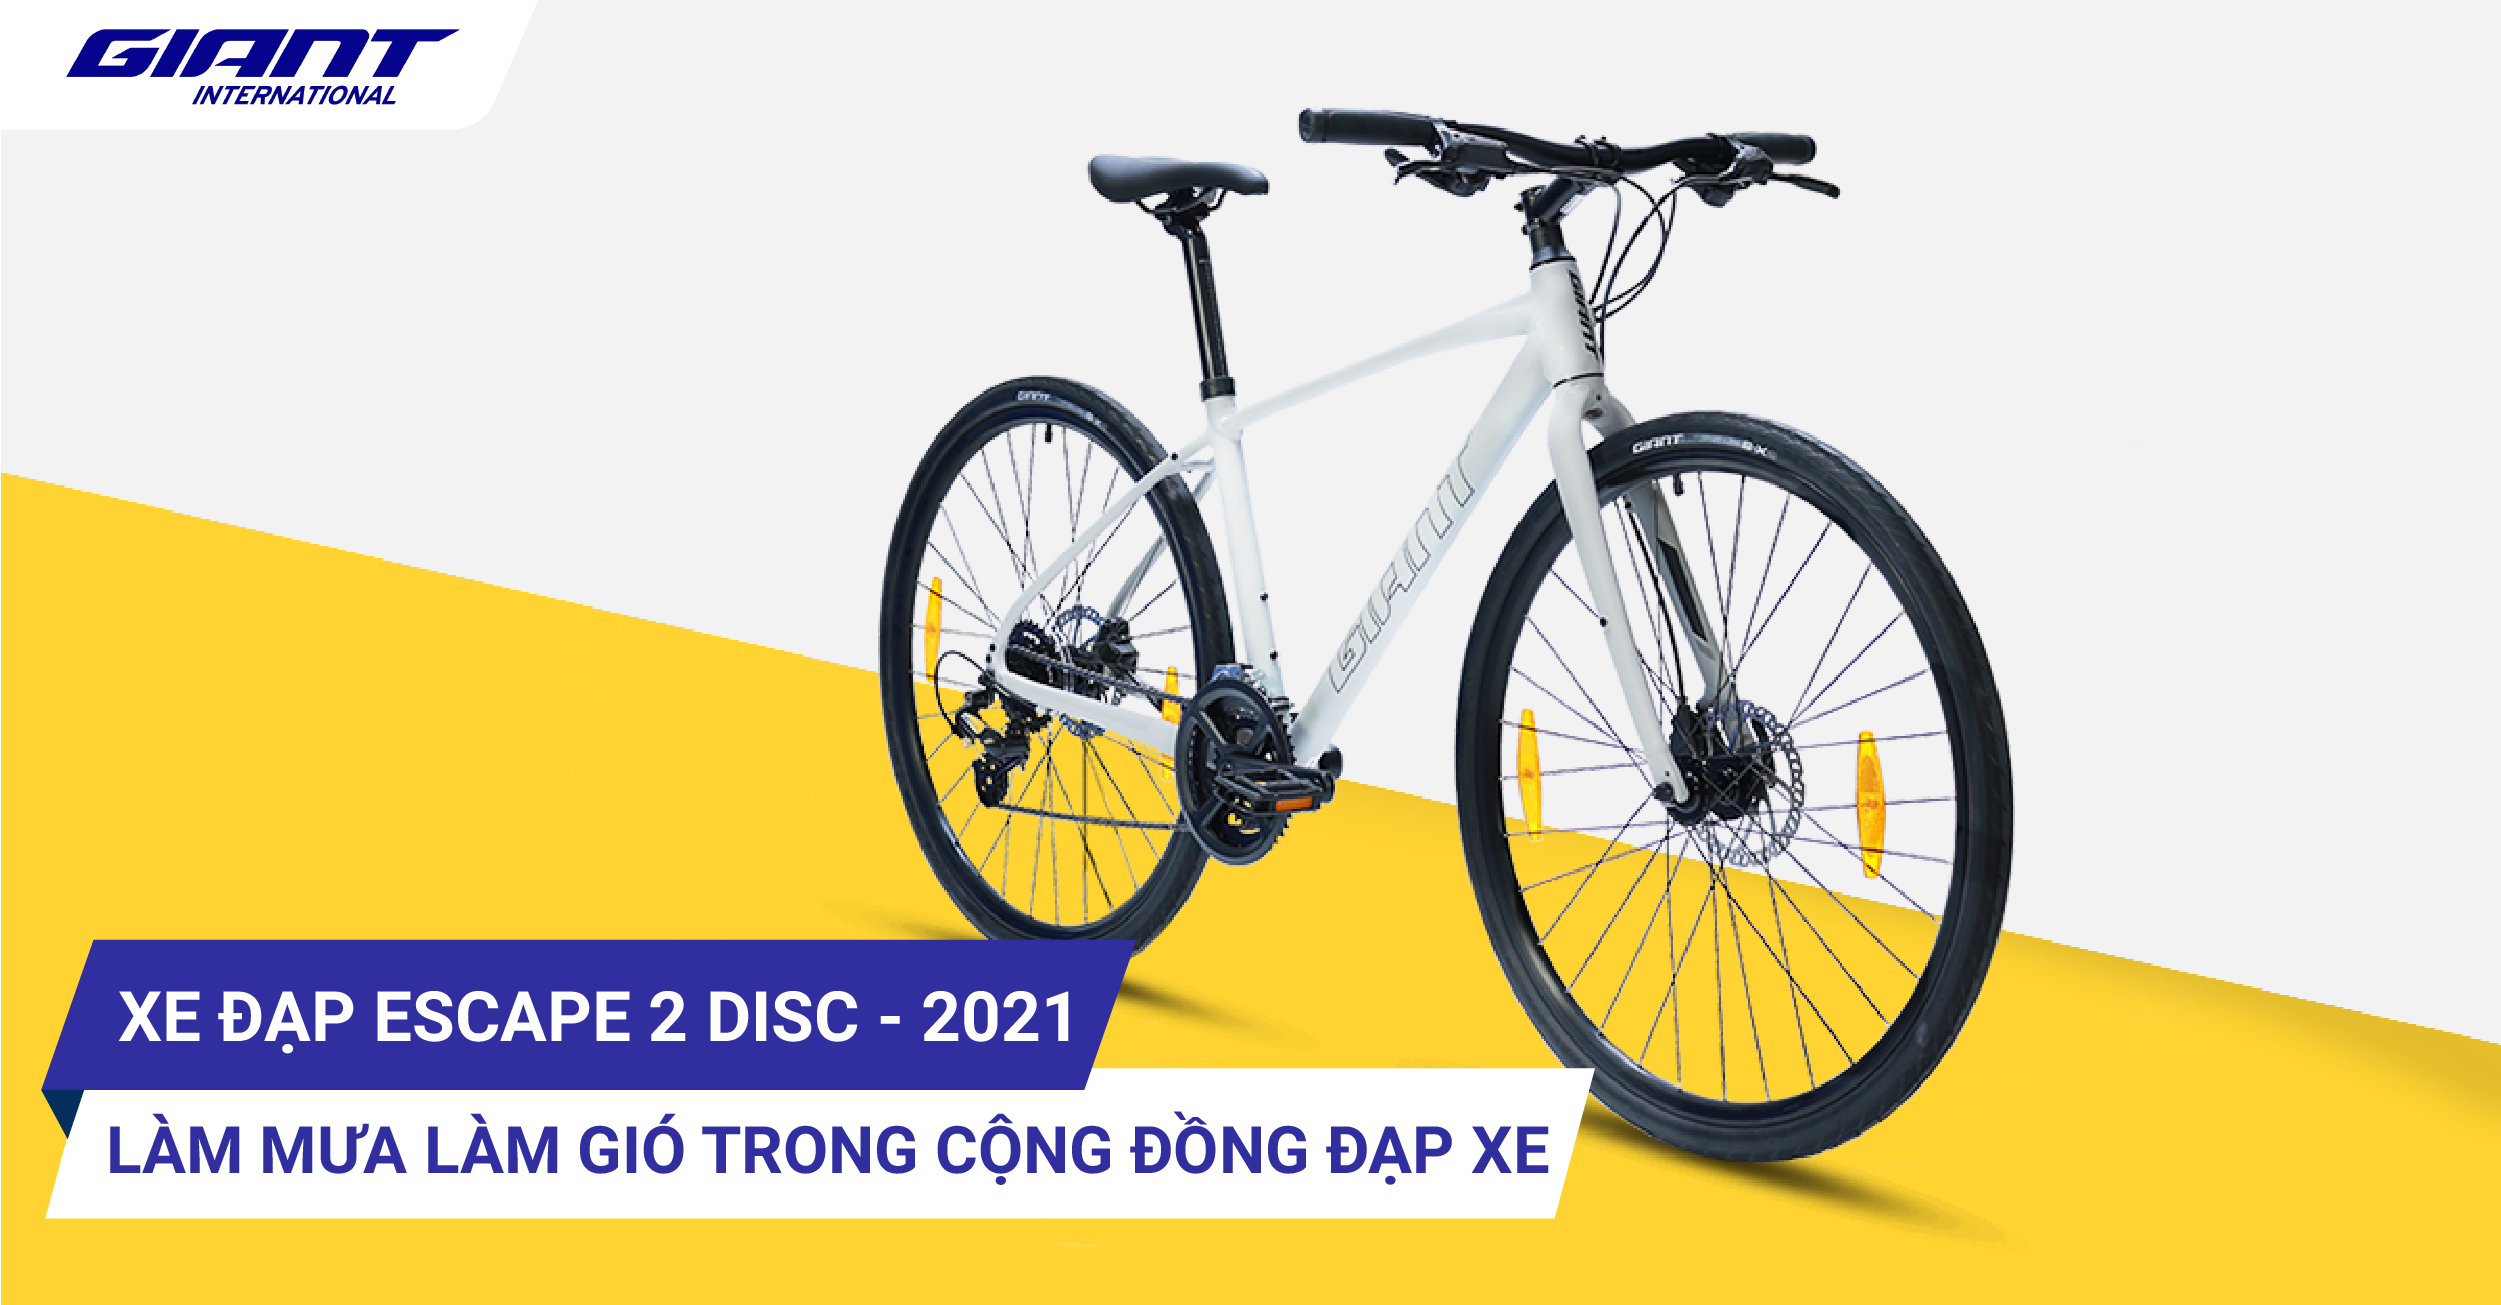 Xe đạp đường phố Escape 2 Disc – 2021 làm mưa làm gió trong cộng đồng đạp xe.